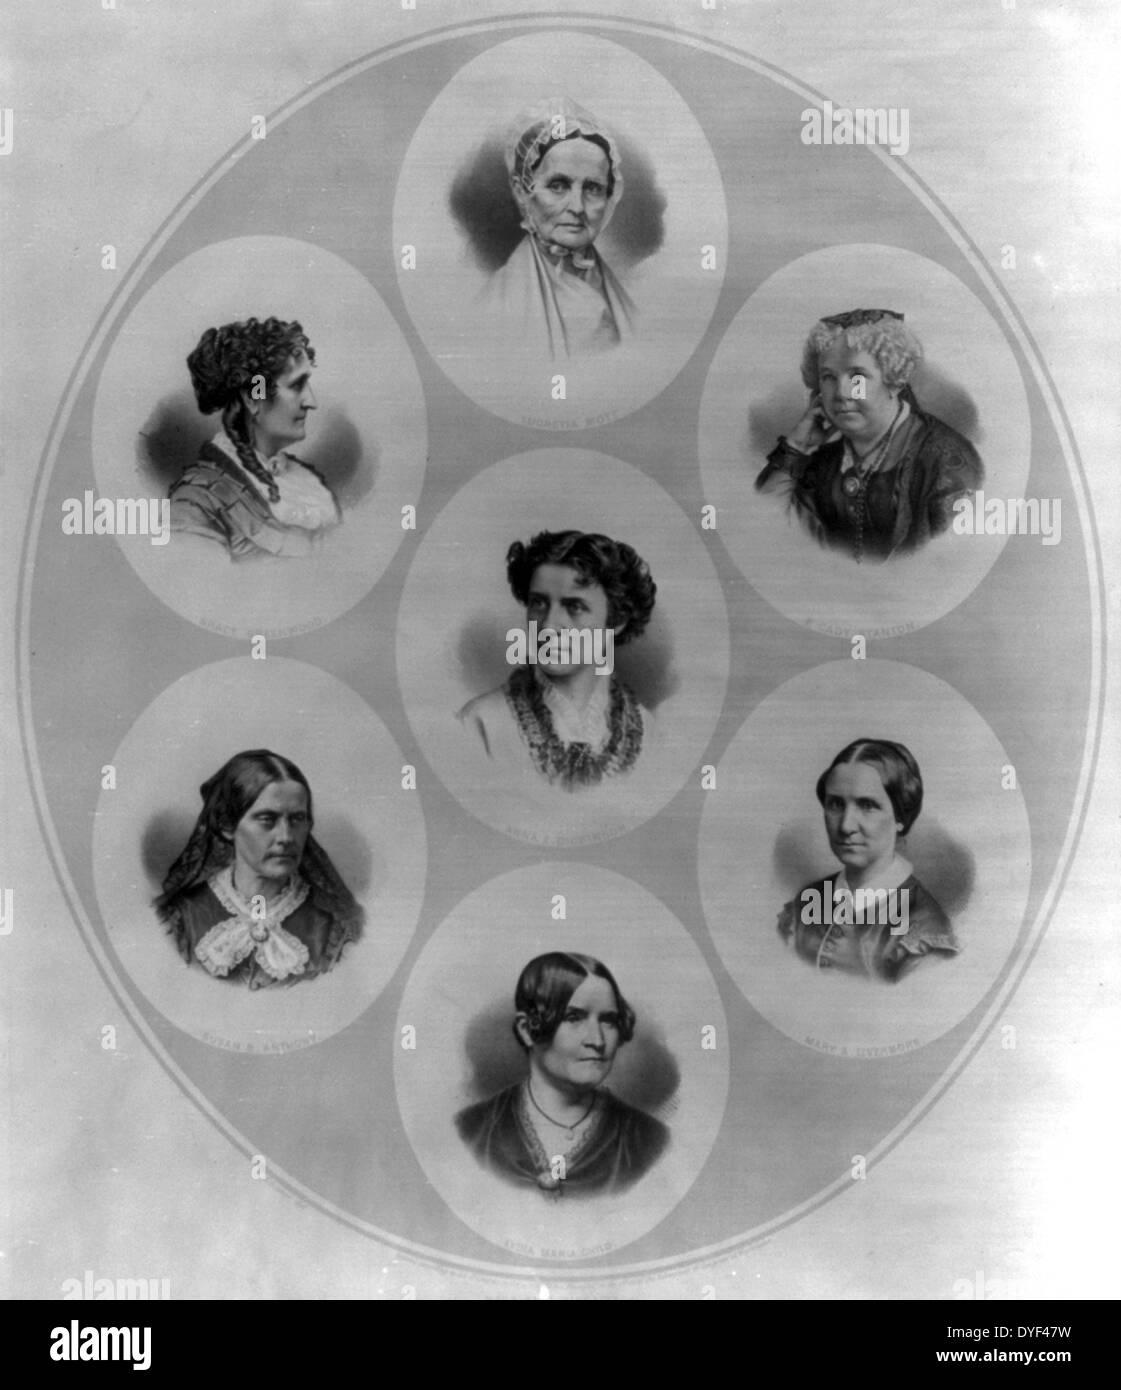 Kopf und Schulter Portraits von sieben Persönlichkeiten der Wahlen und die Rechte der Frauen Bewegung. Stockbild